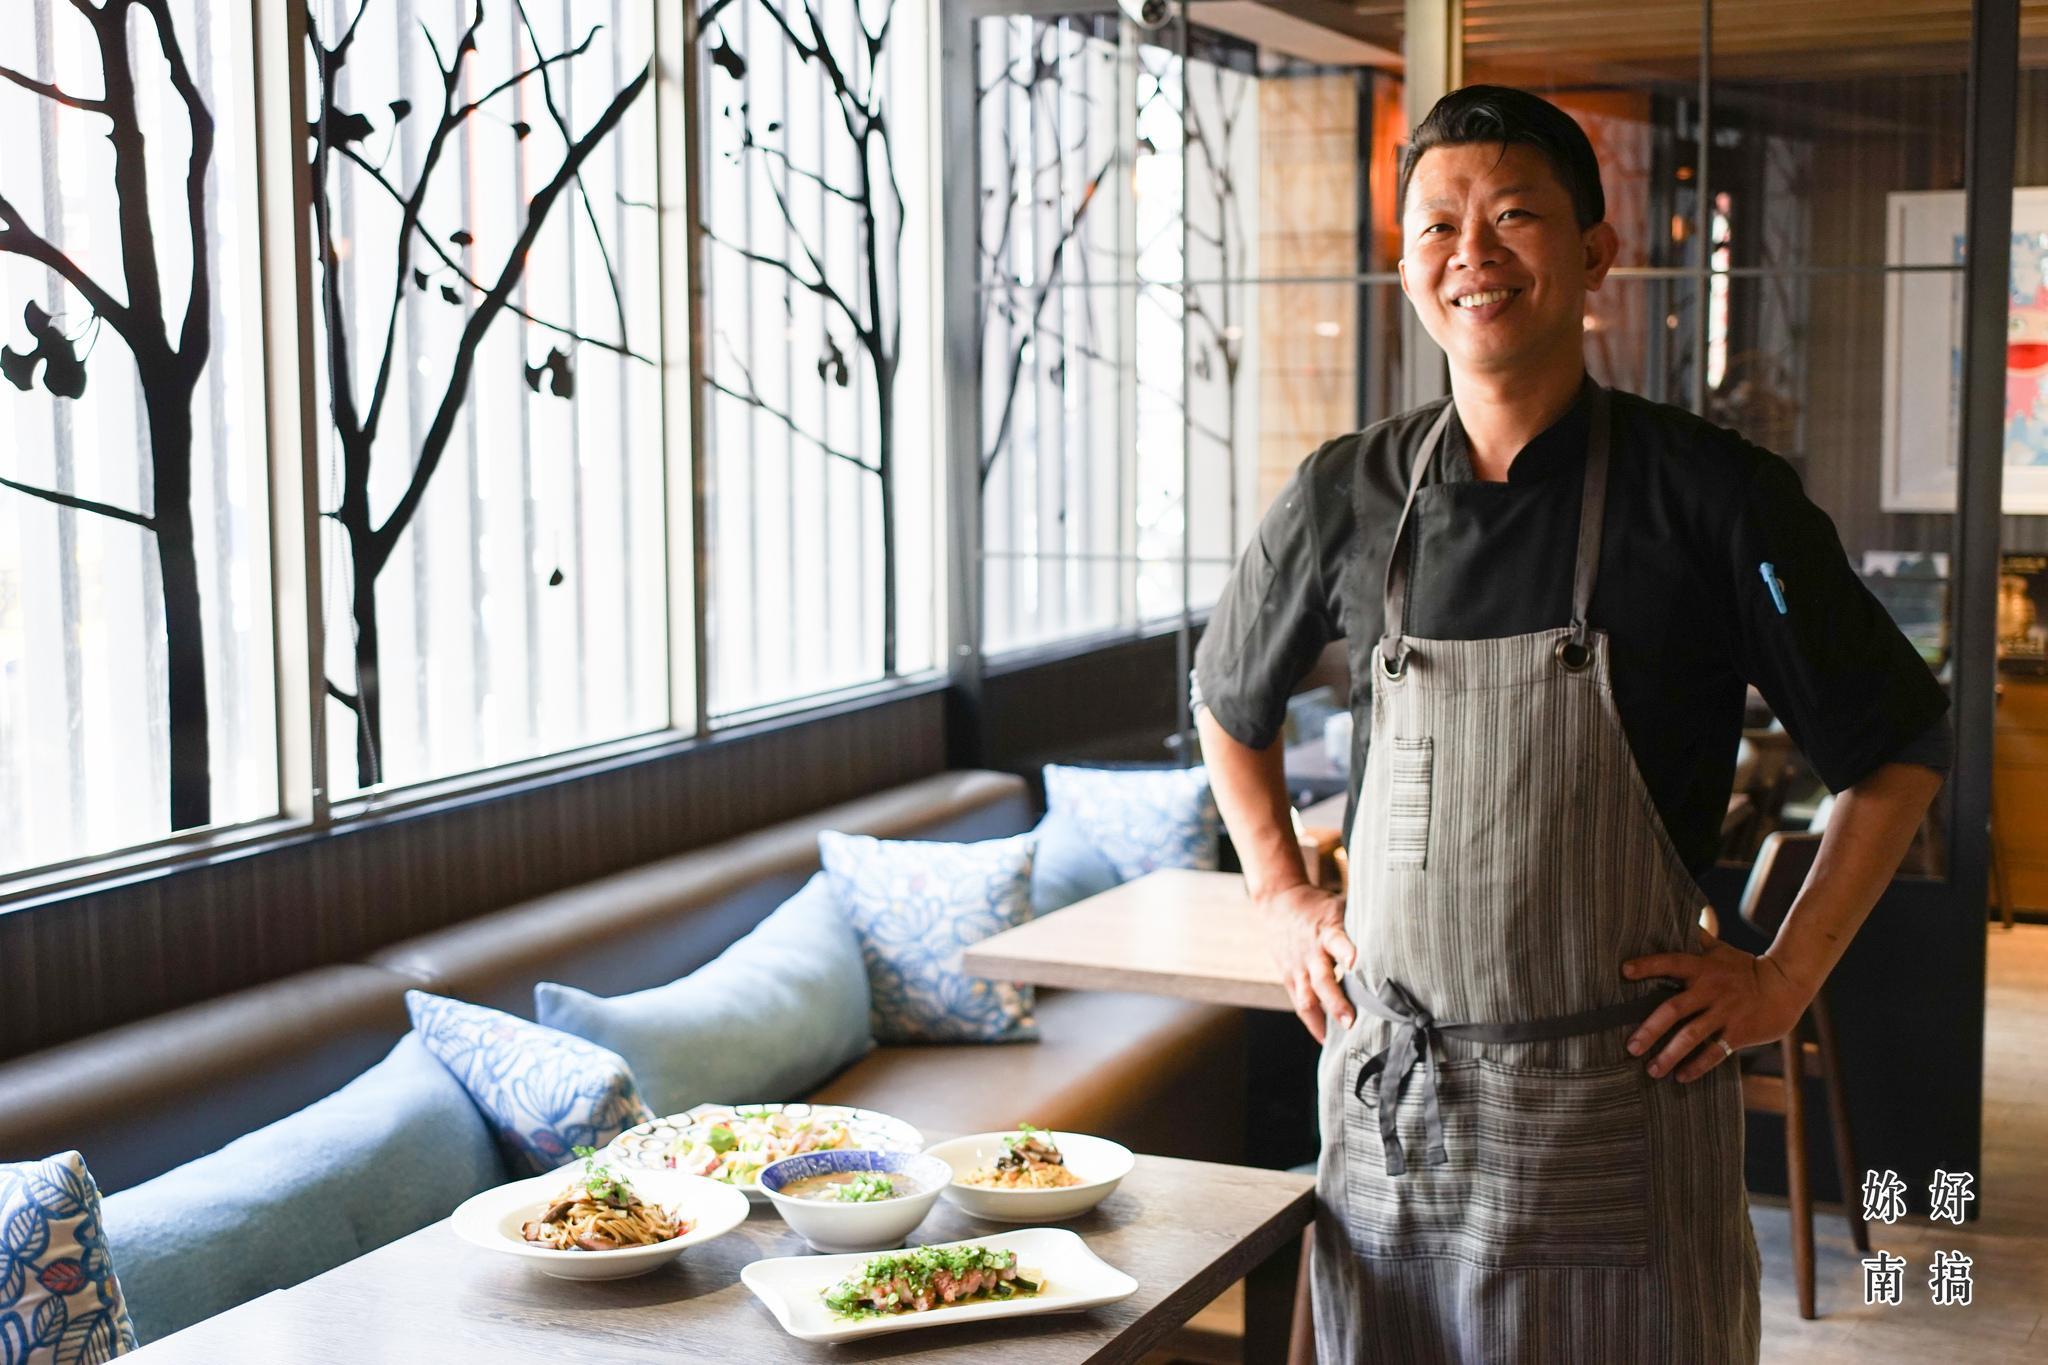 台南創意料理-cheftable開箱-01-妳好南搞